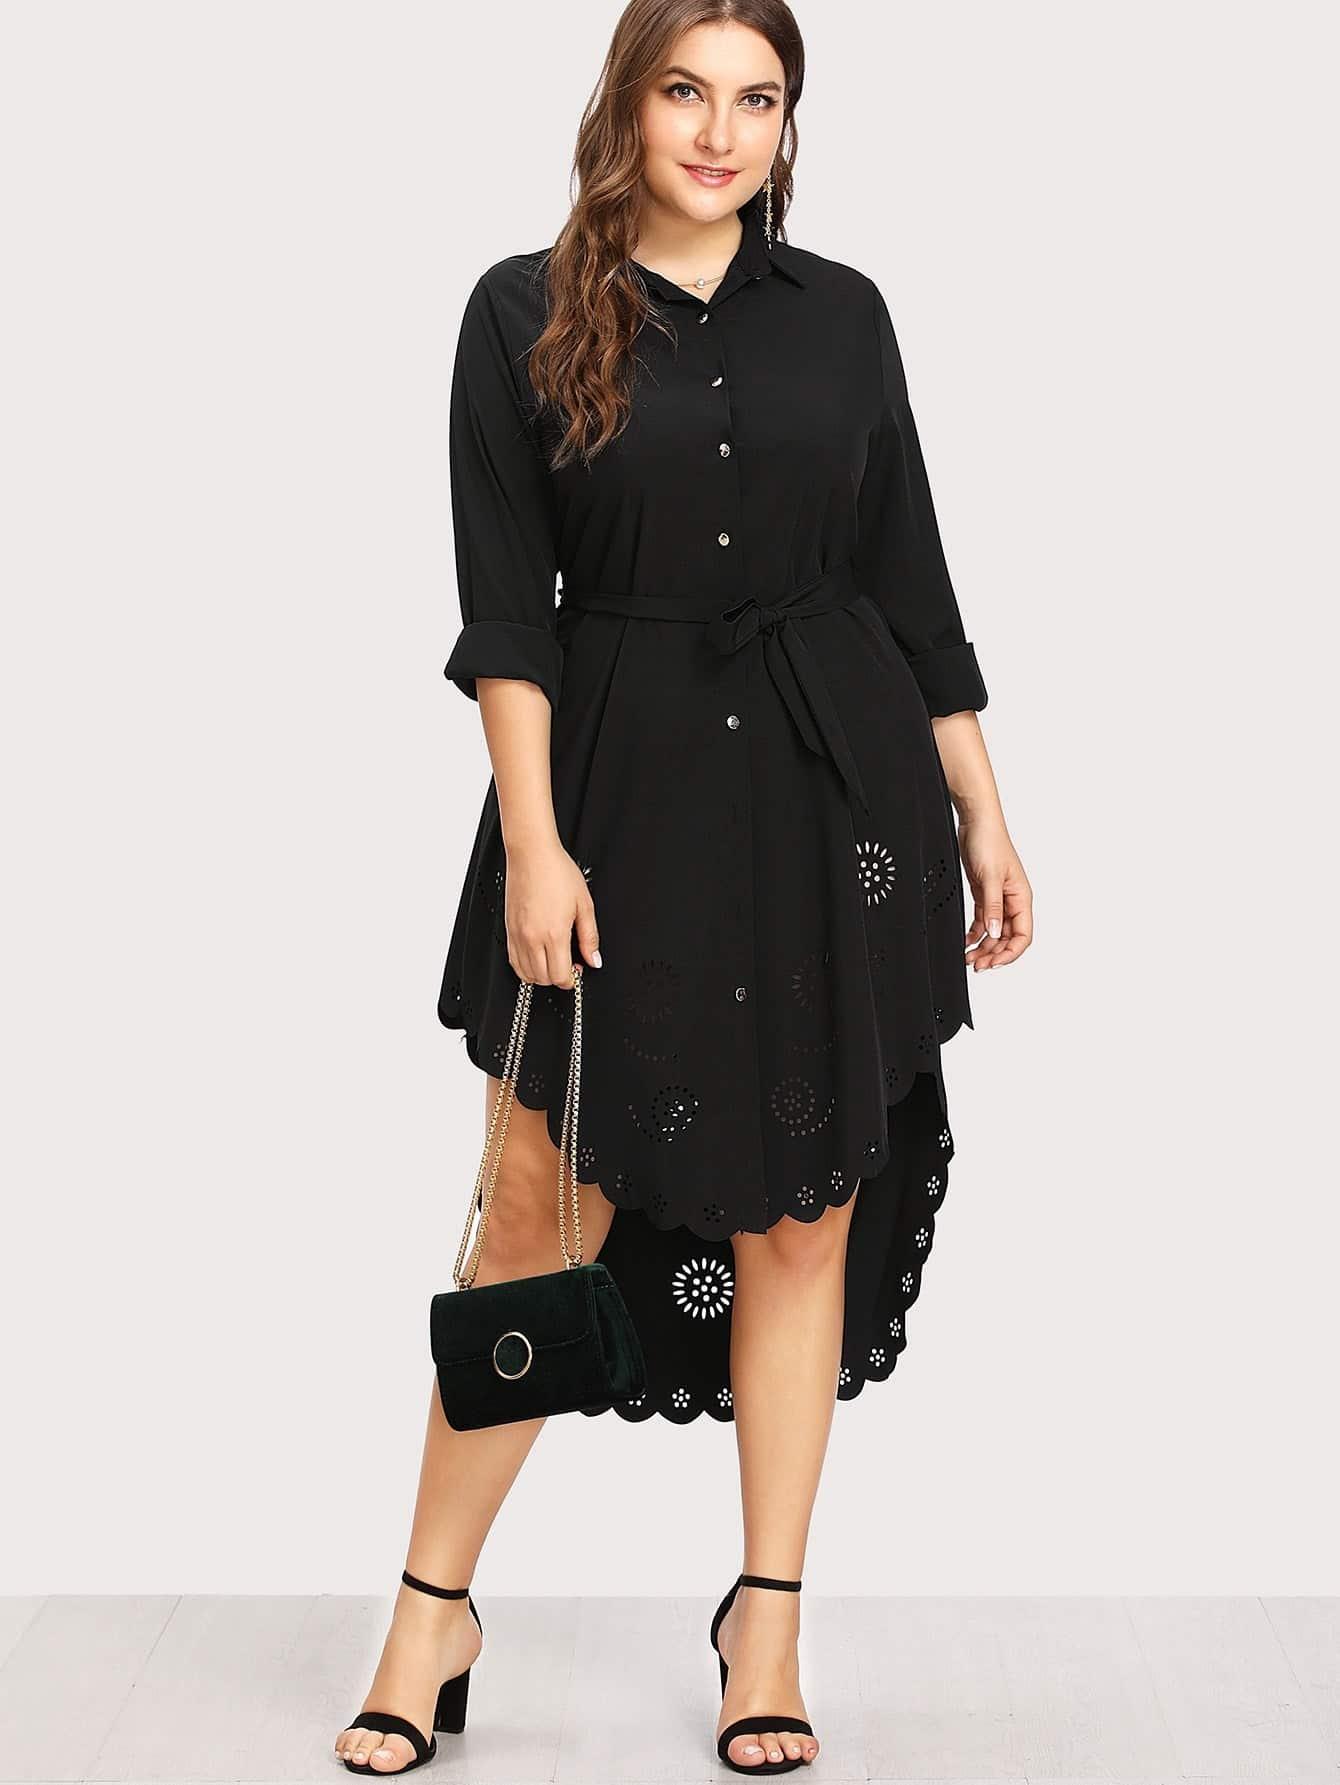 Купить Модное асимметричное платье-рубашка с узором и фестонами, Franziska, SheIn